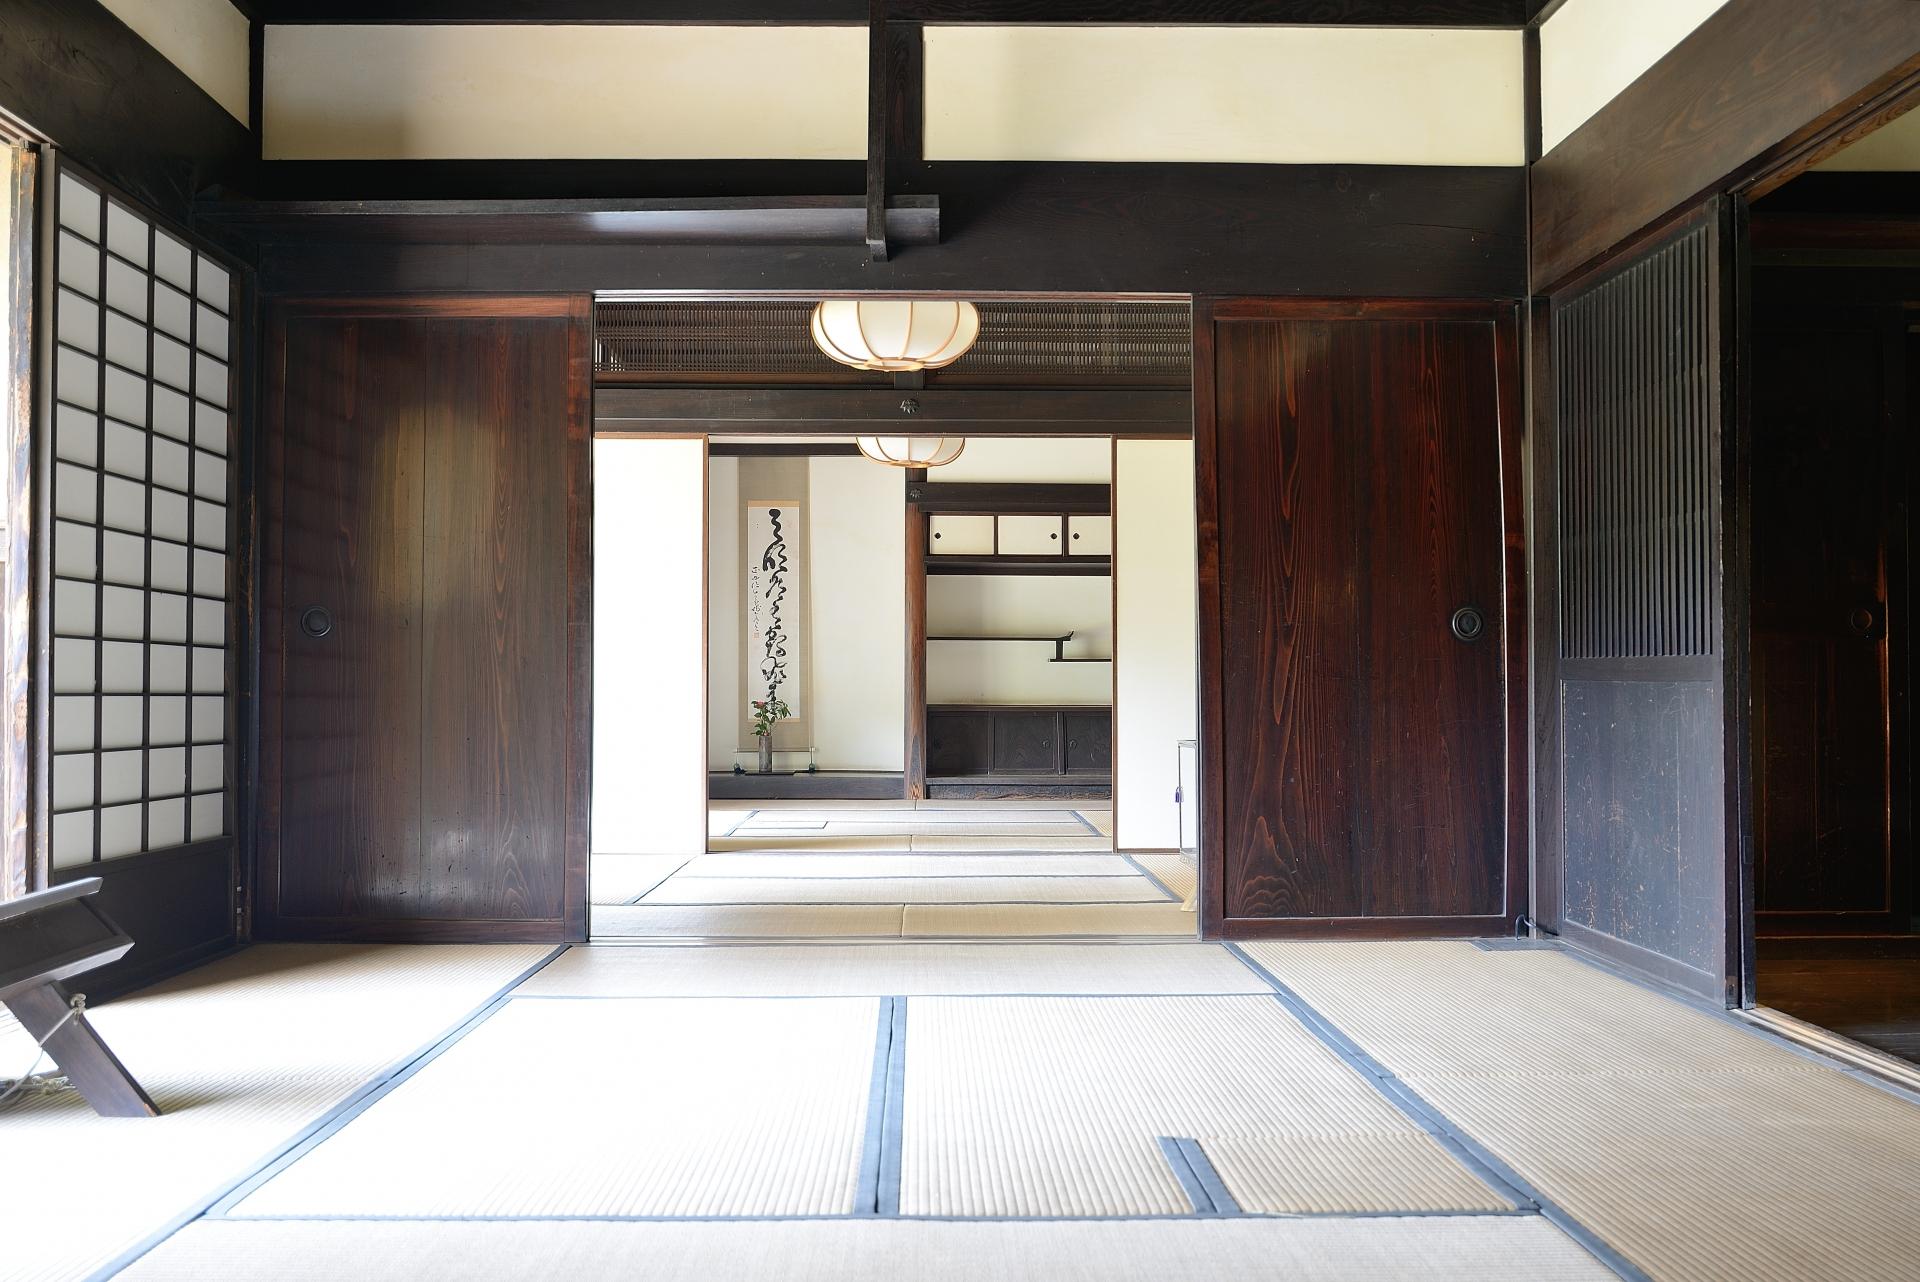 石田梅岩から学ぶ、日本人がカネを汚いと思うワケ